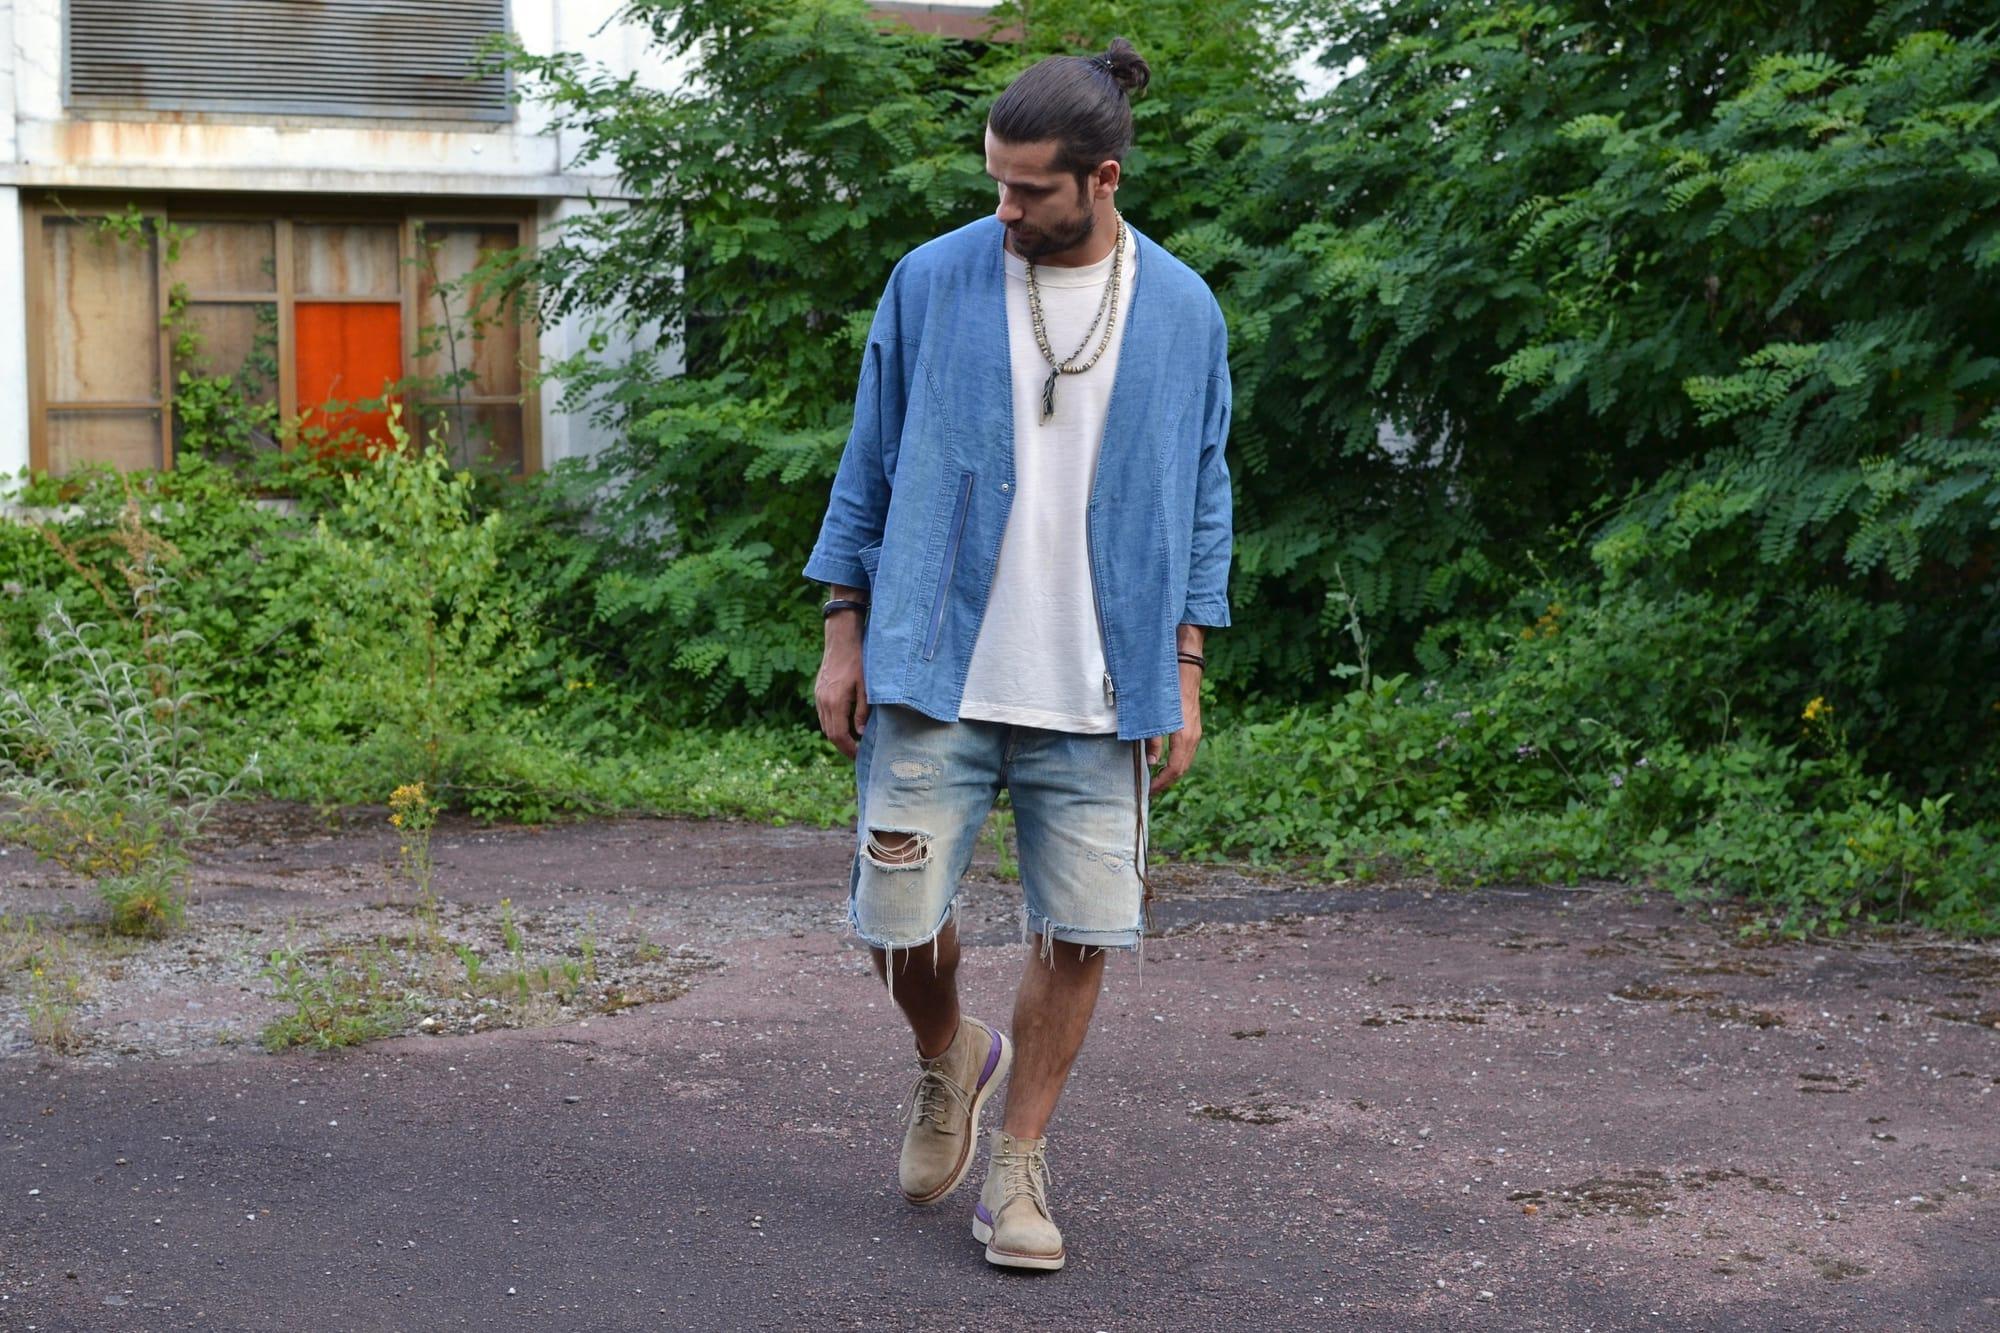 Tenue idée homme noragi dans un style street heritage workwear avec coupe loose et des boots virgil Visvim et un short en denim levi's vintage clothing